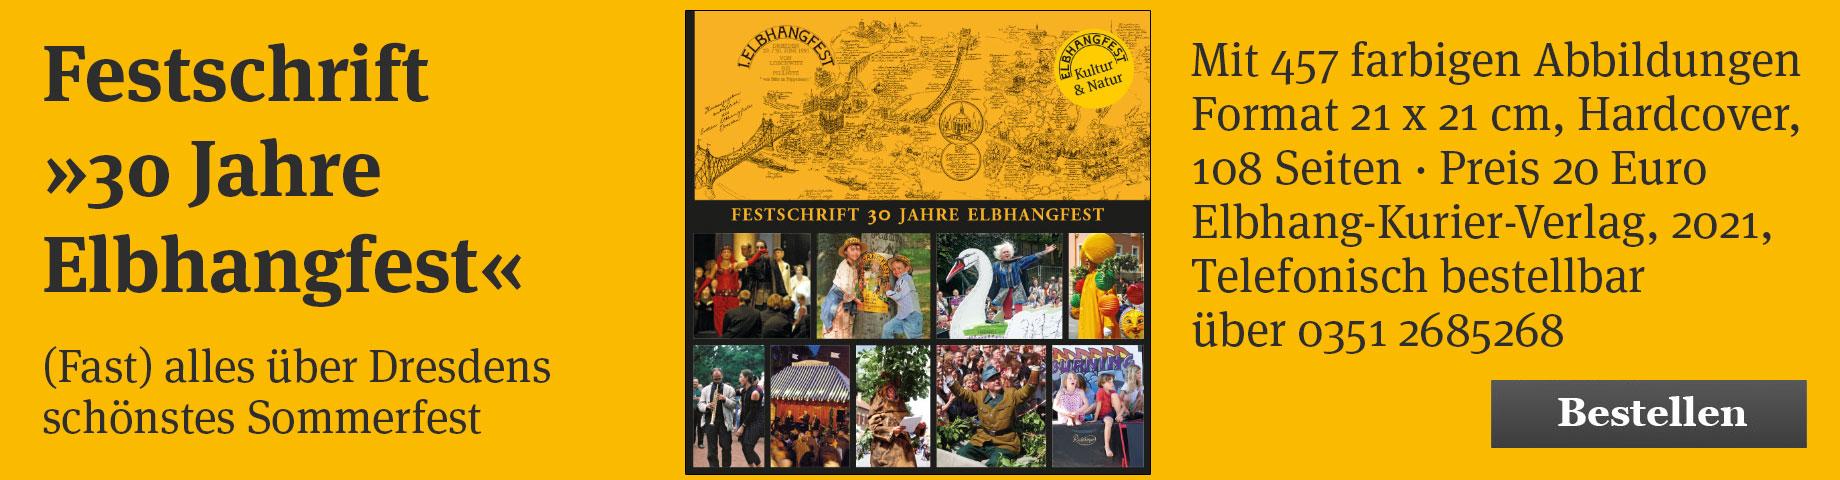 Festschrift 30 Jahre Elbhangfest